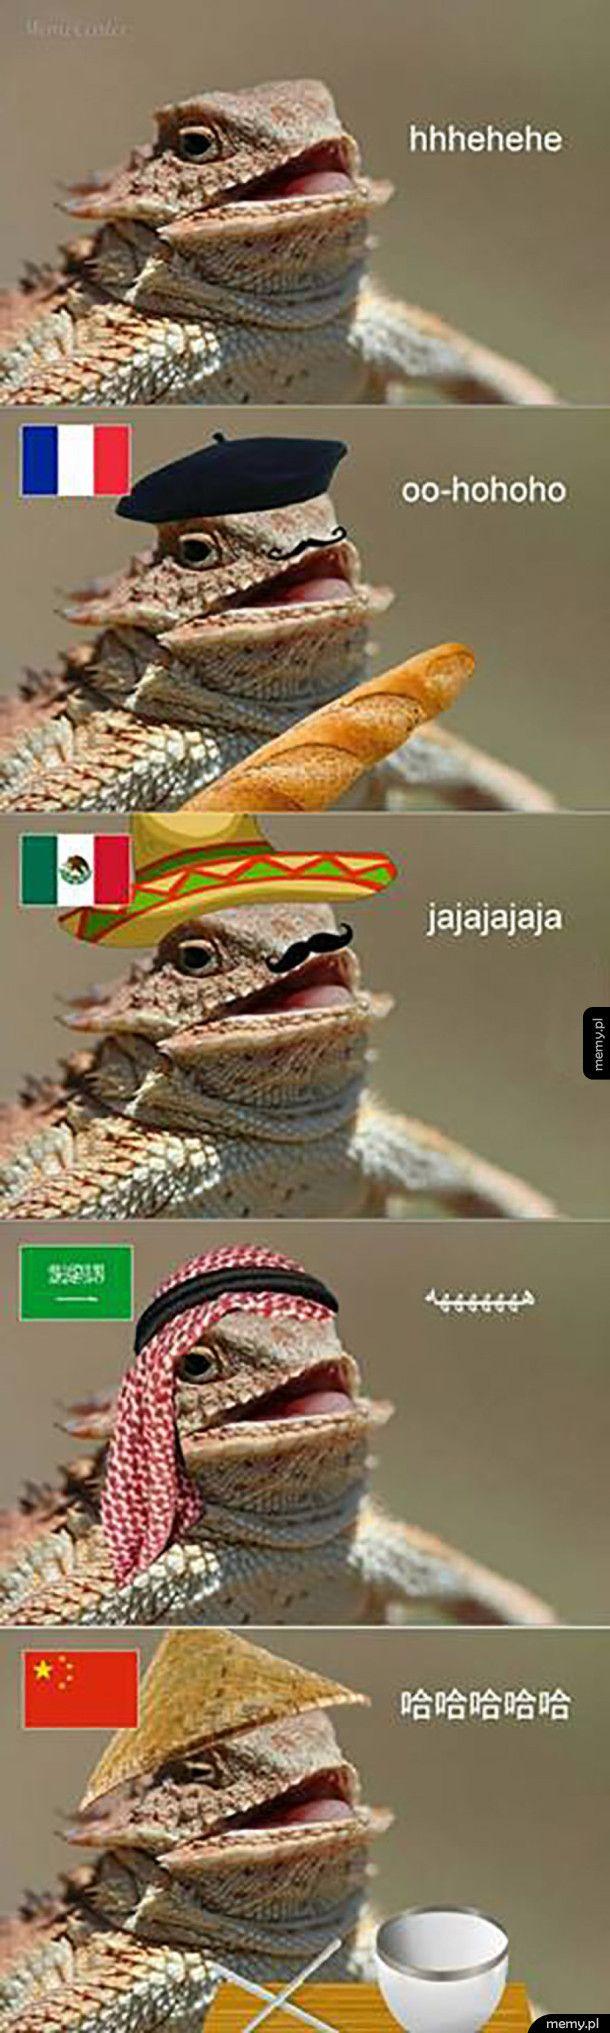 Śmiech iguany